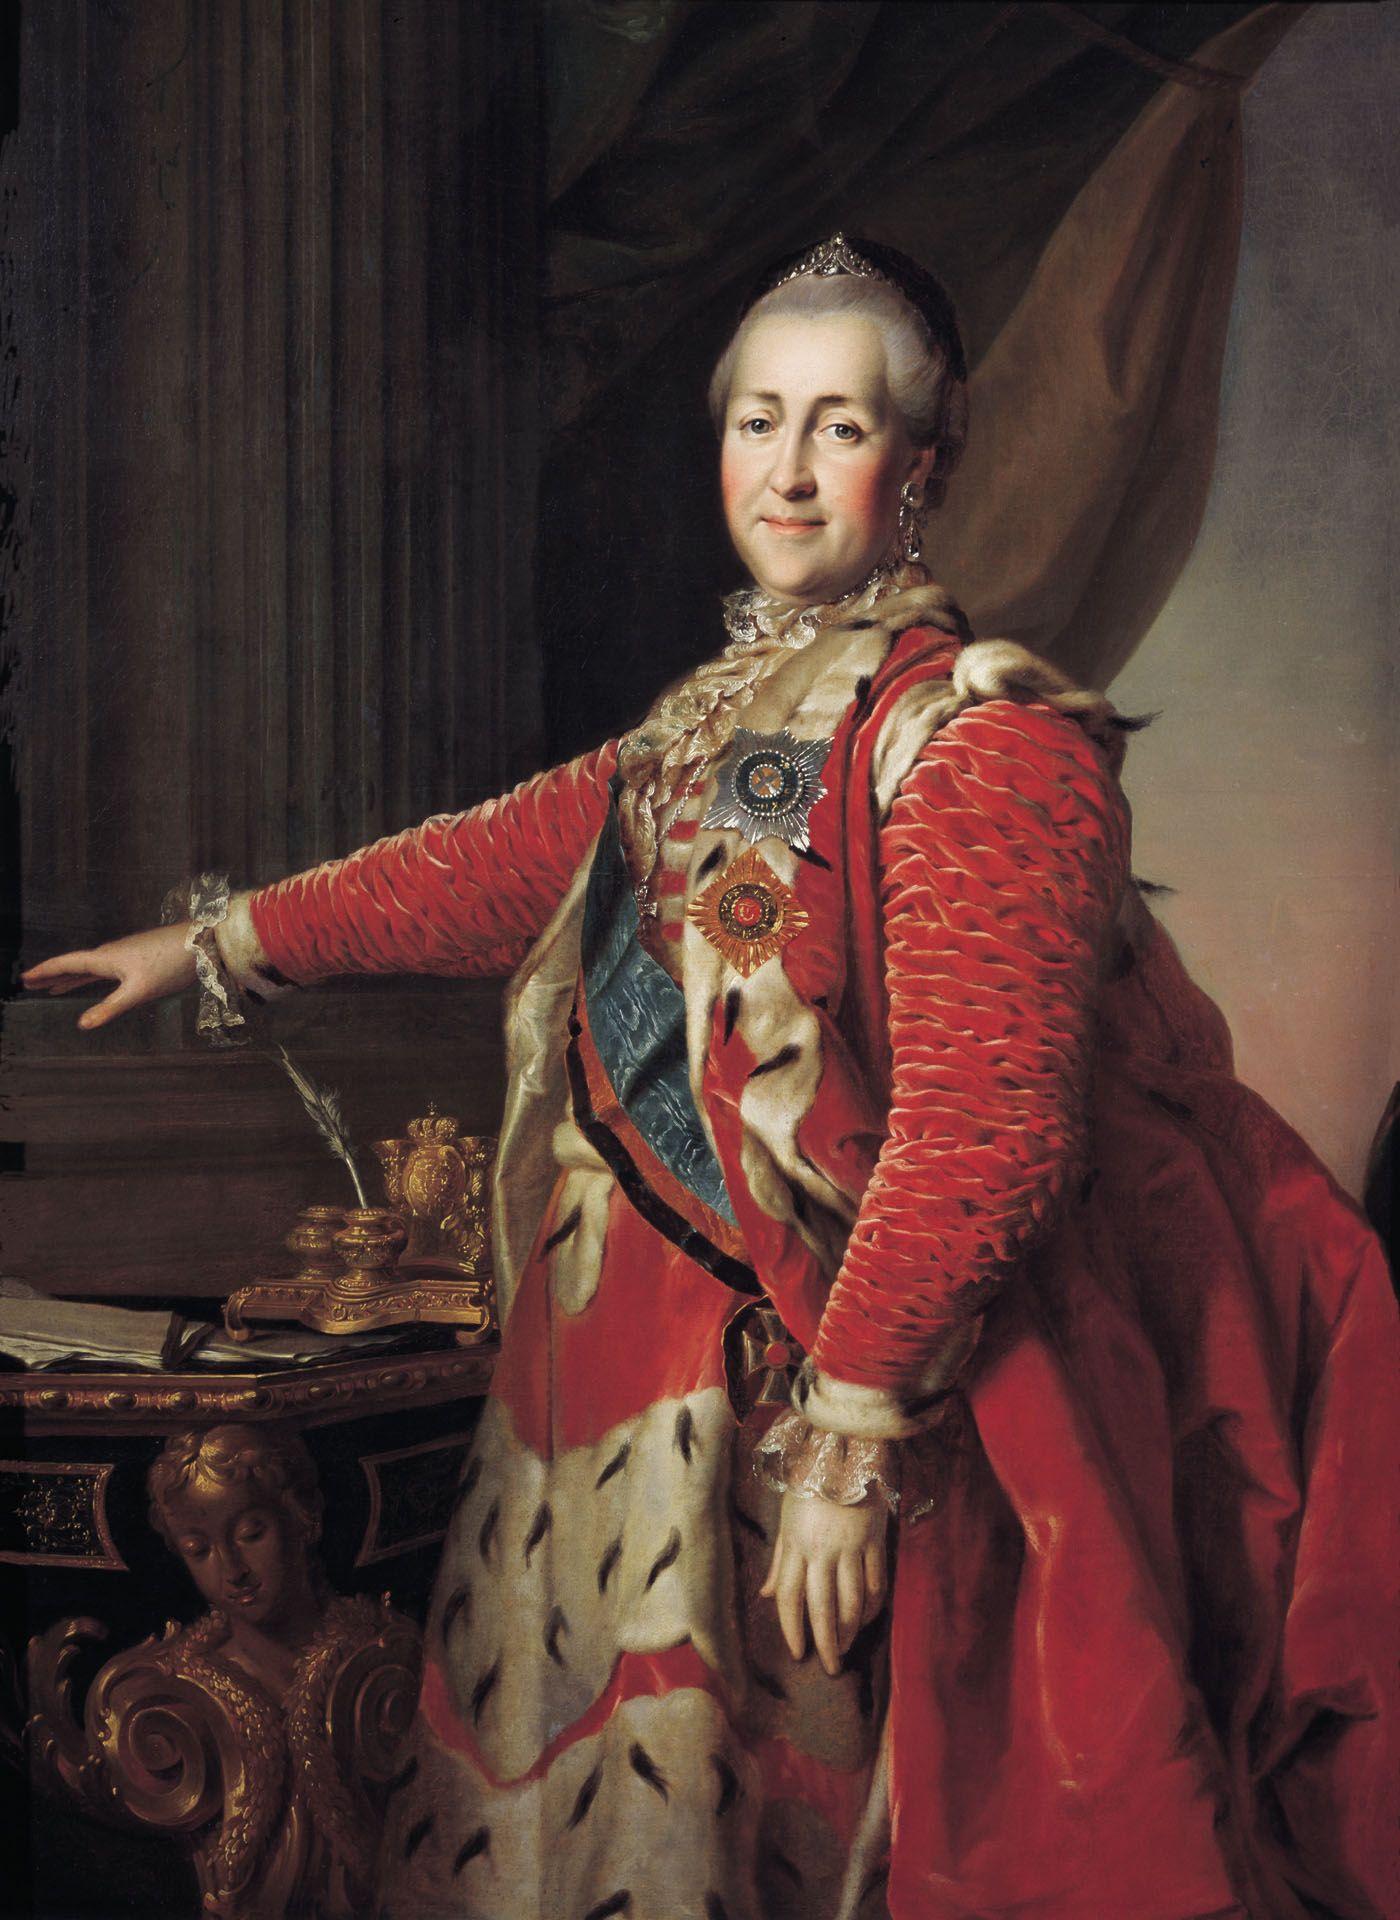 Katarzyna II kreowała się na oświeconą władczynię, ale nie przeszkadzało jej to w zezwoleniu na handel chłopami. Caryca na portrecie pędzla Dmitrija Grigorjewicza Lewickiego z 1782 roku (źródło: domena publiczna).